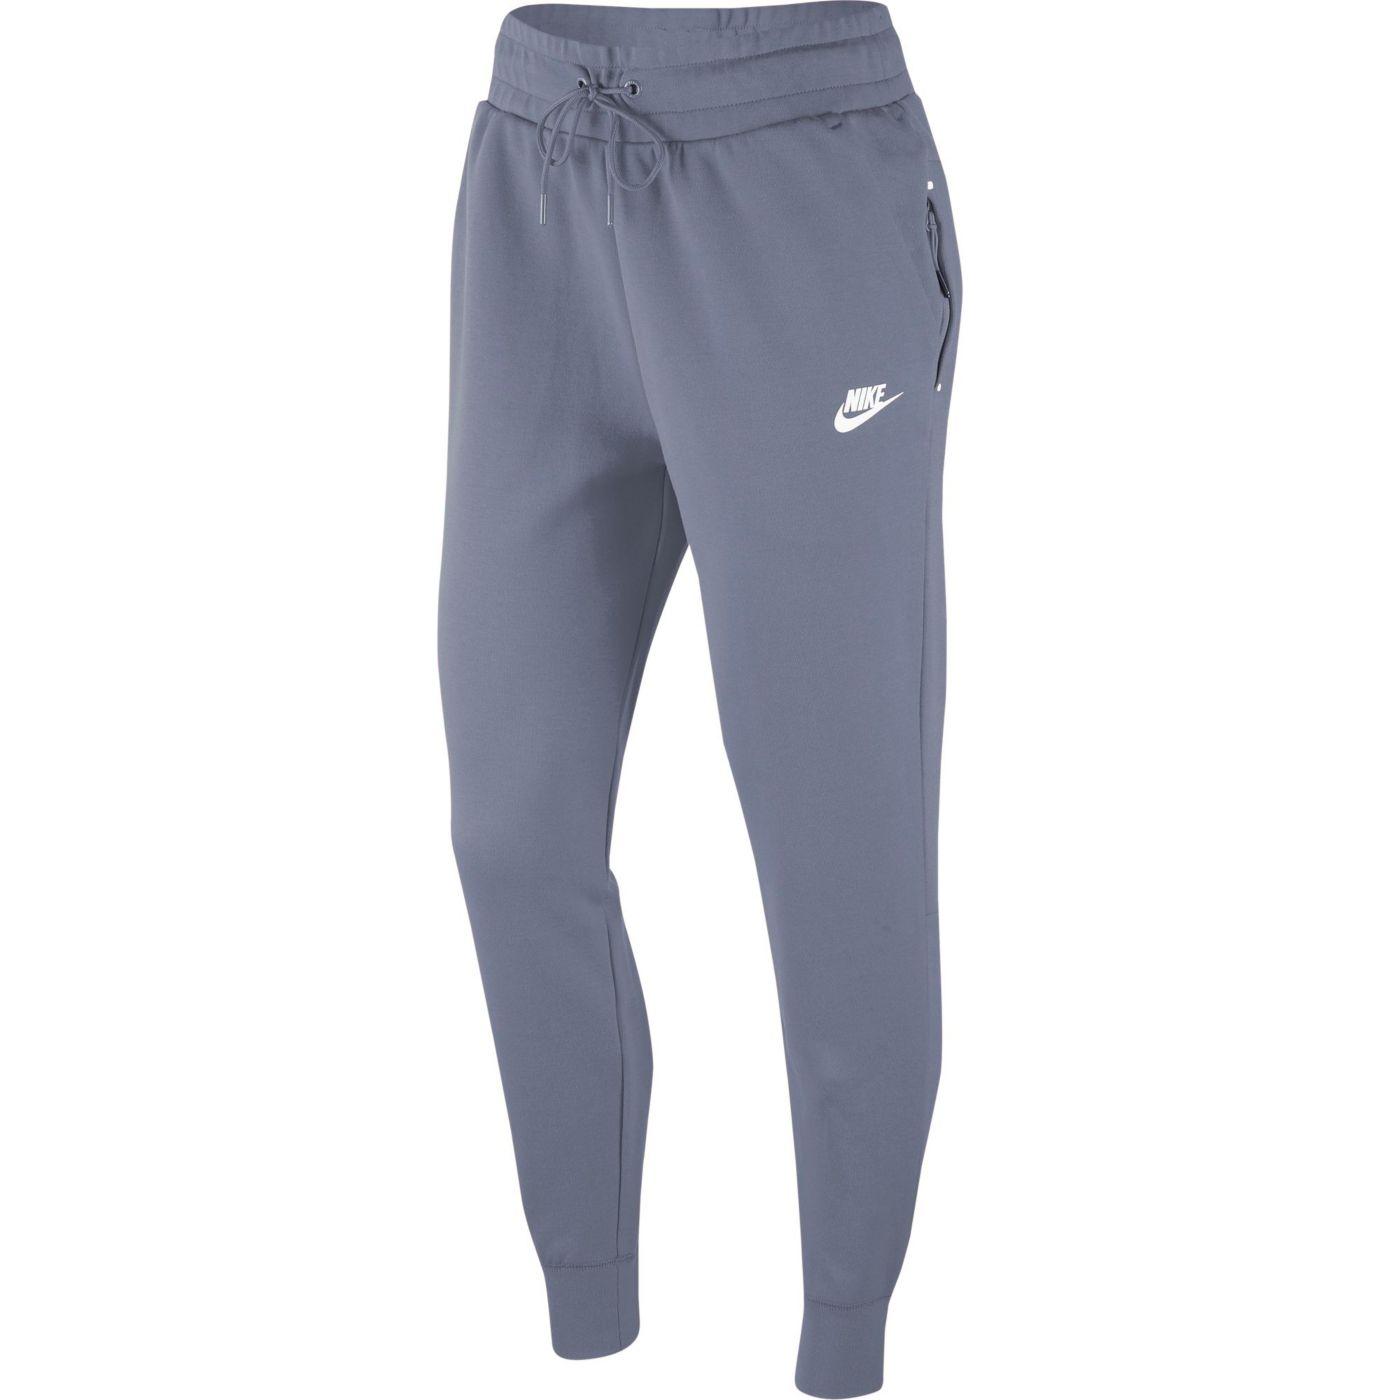 Nike Sportswear Women's  Tech Fleece Pants